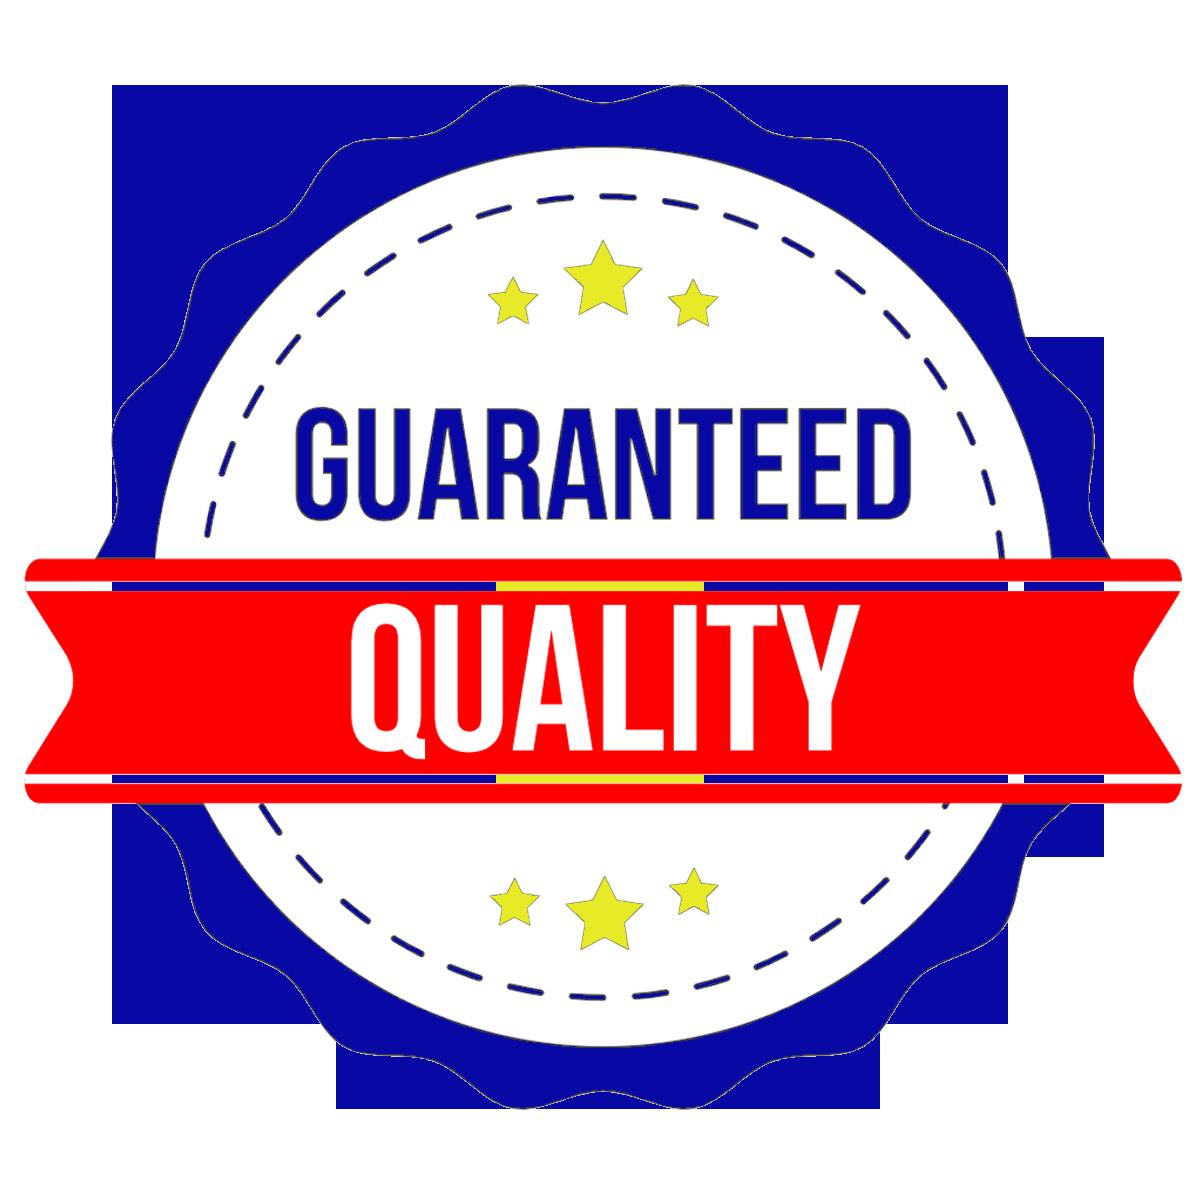 Quality Mechanics Guaranteed